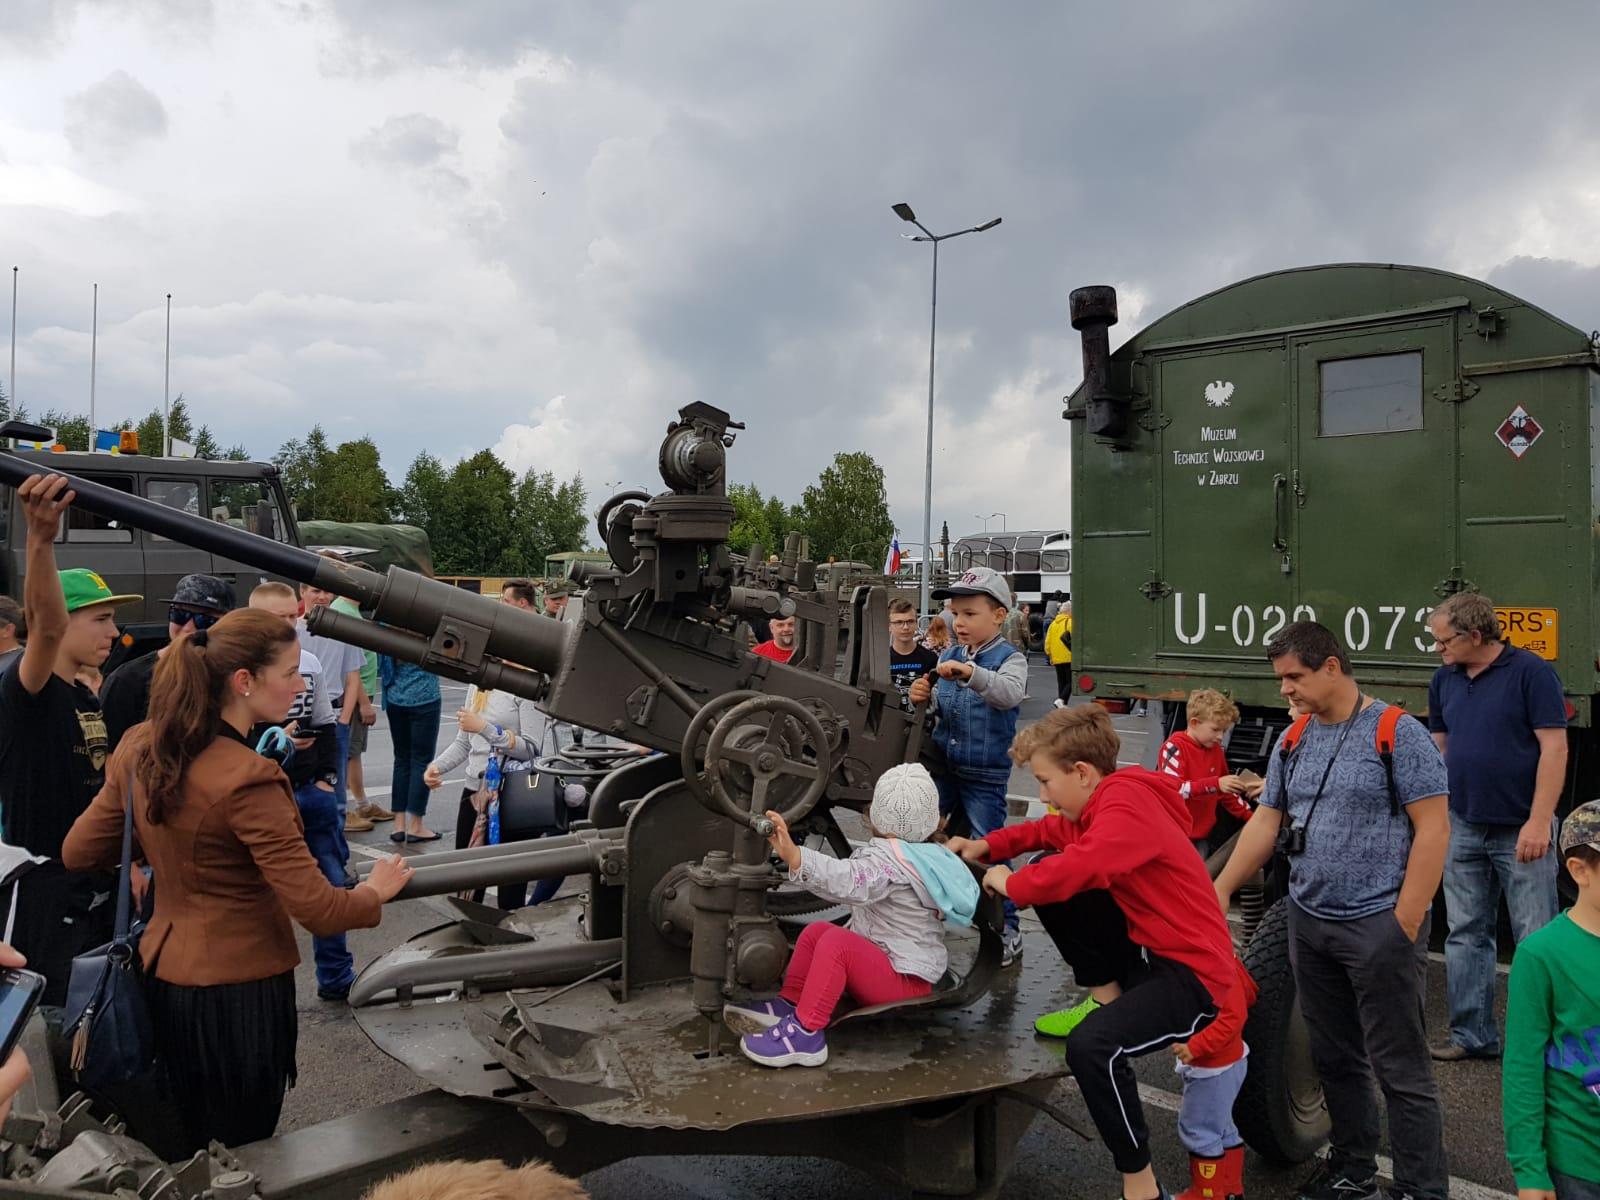 Pojazdy militarne na bielskich ulicach [FOTO]